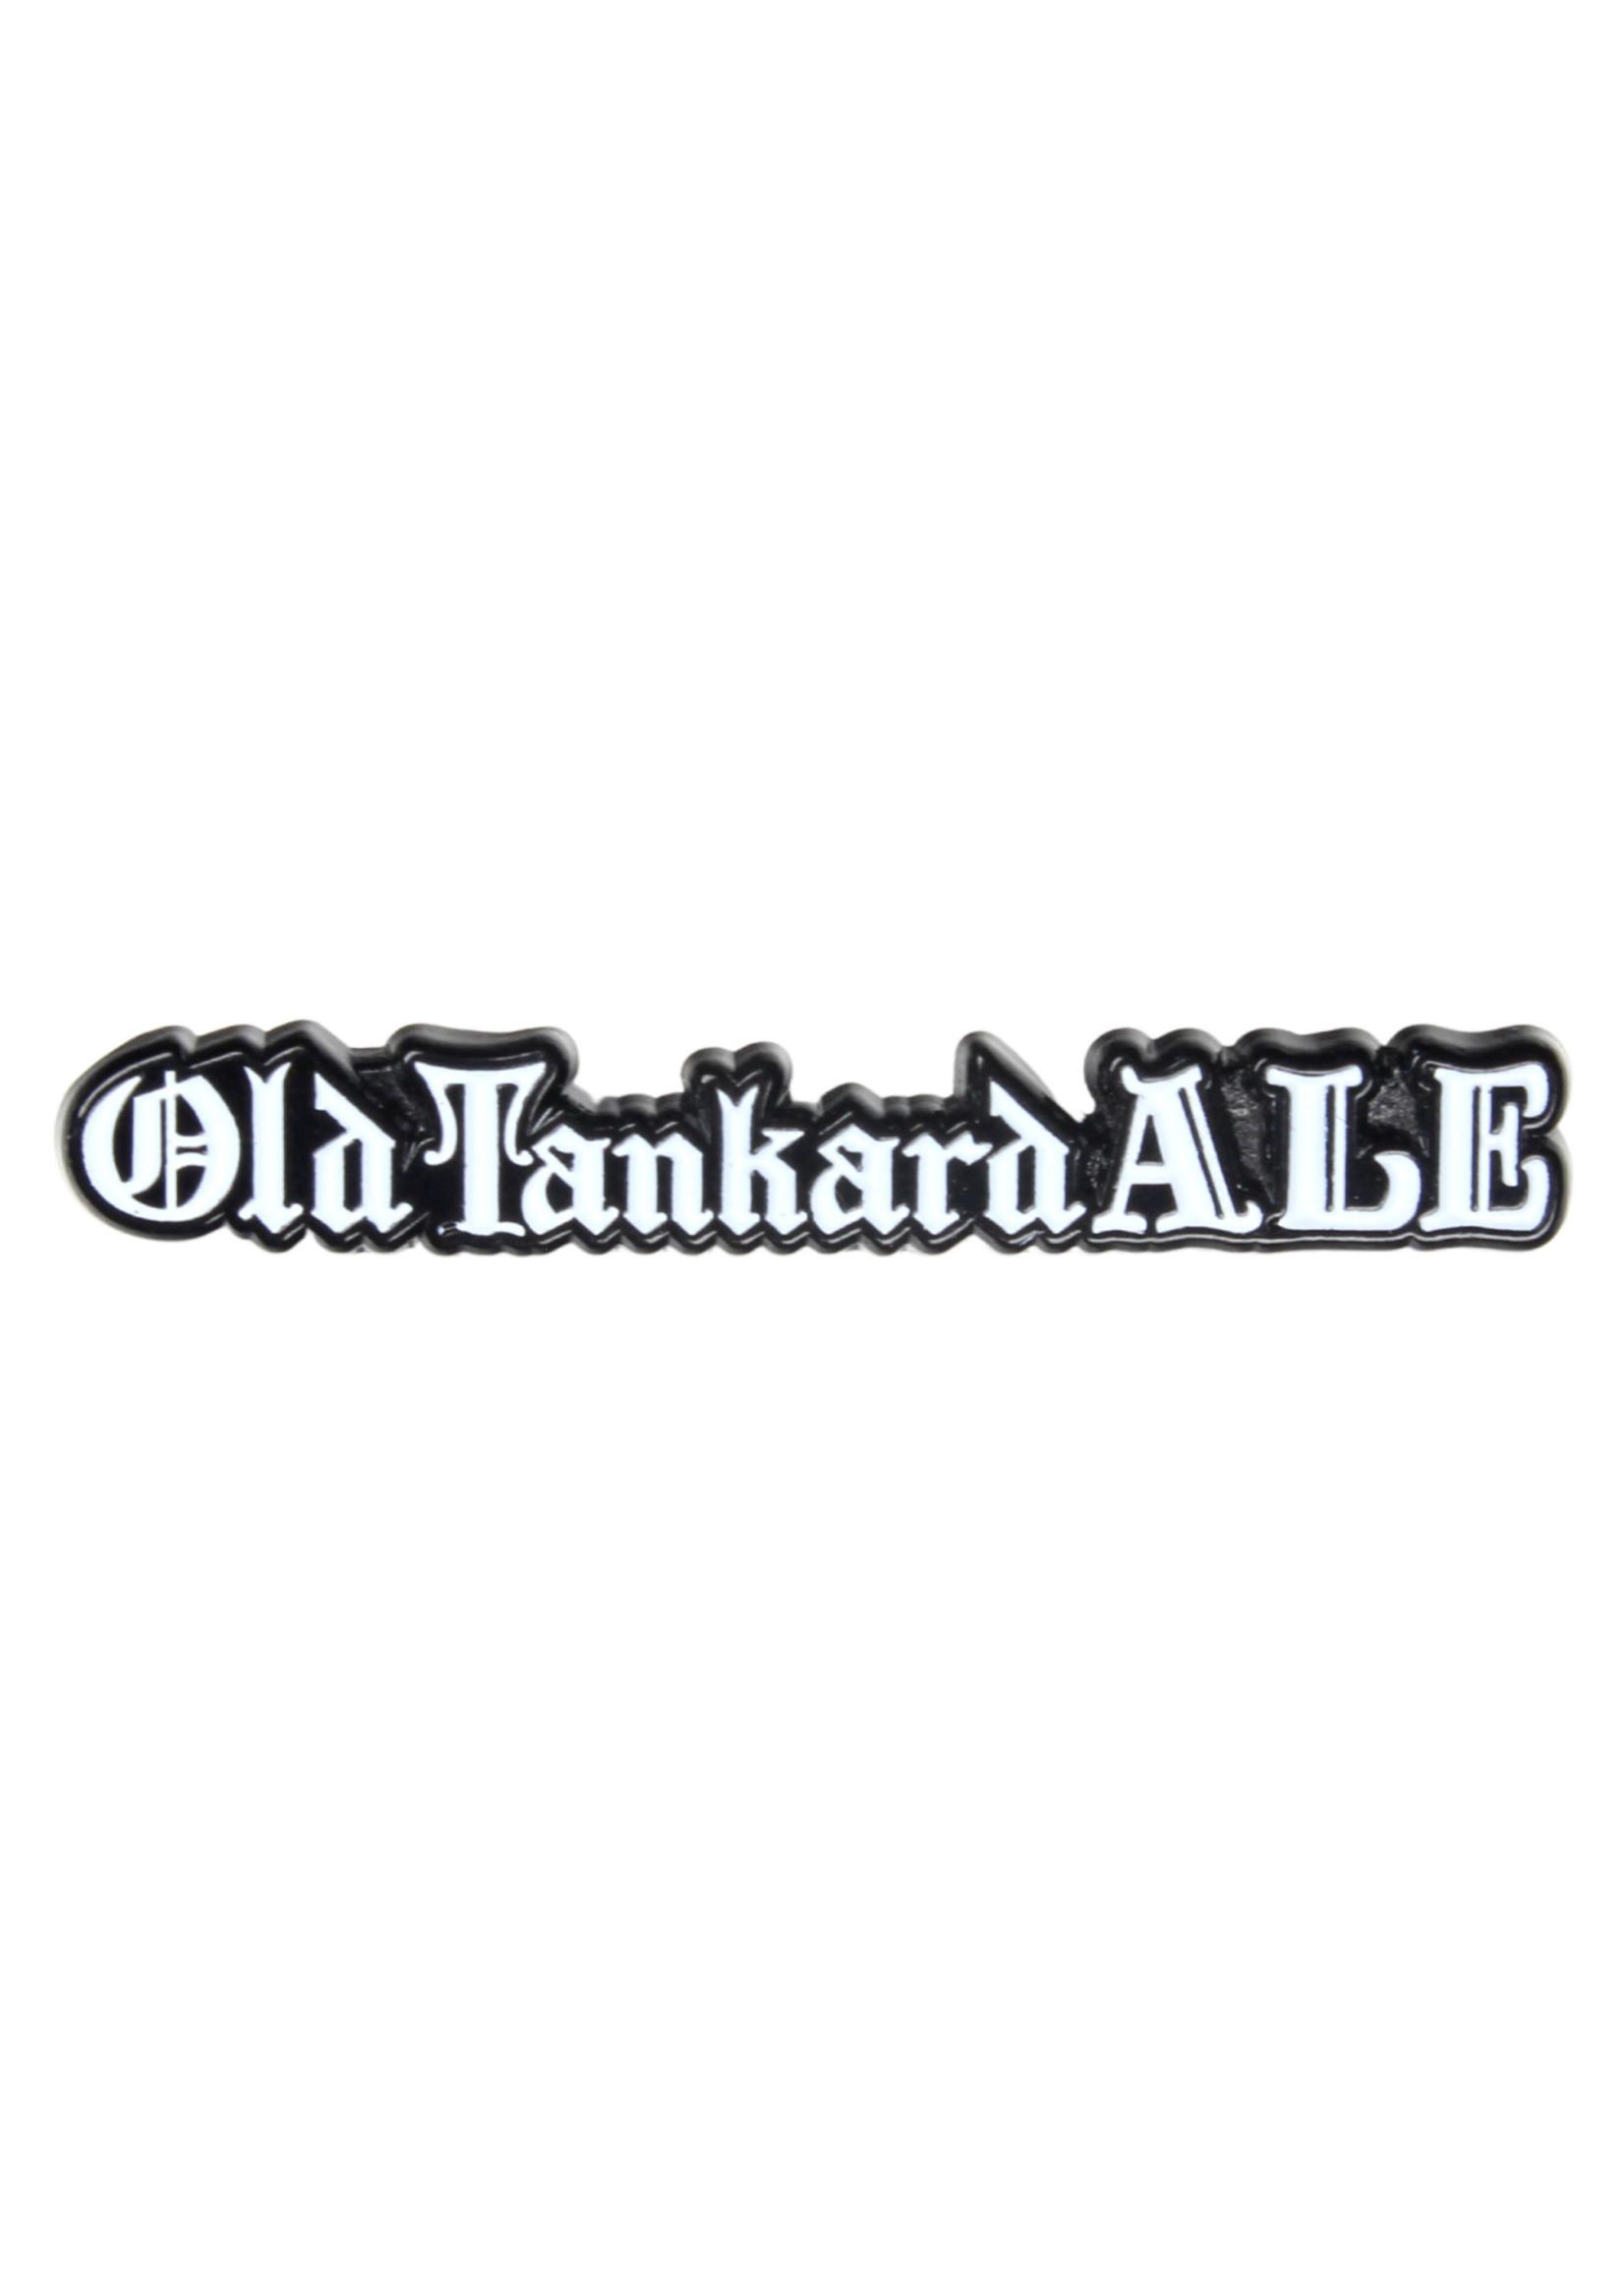 Old Tankard Old Tankard Ale Lapel Pin